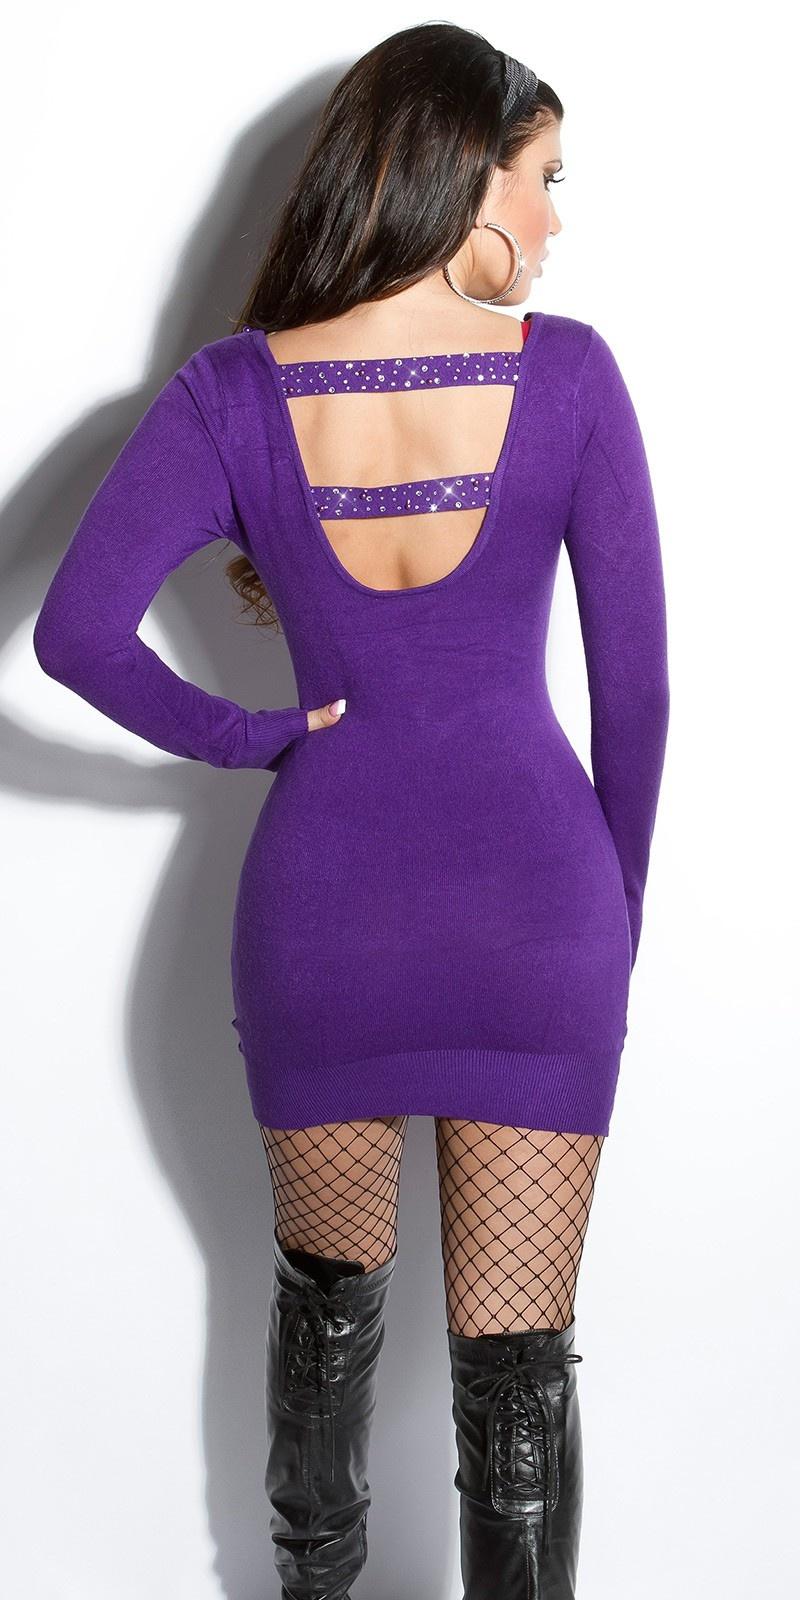 Sexy fijngebreid-mini jurkje met open rug paars